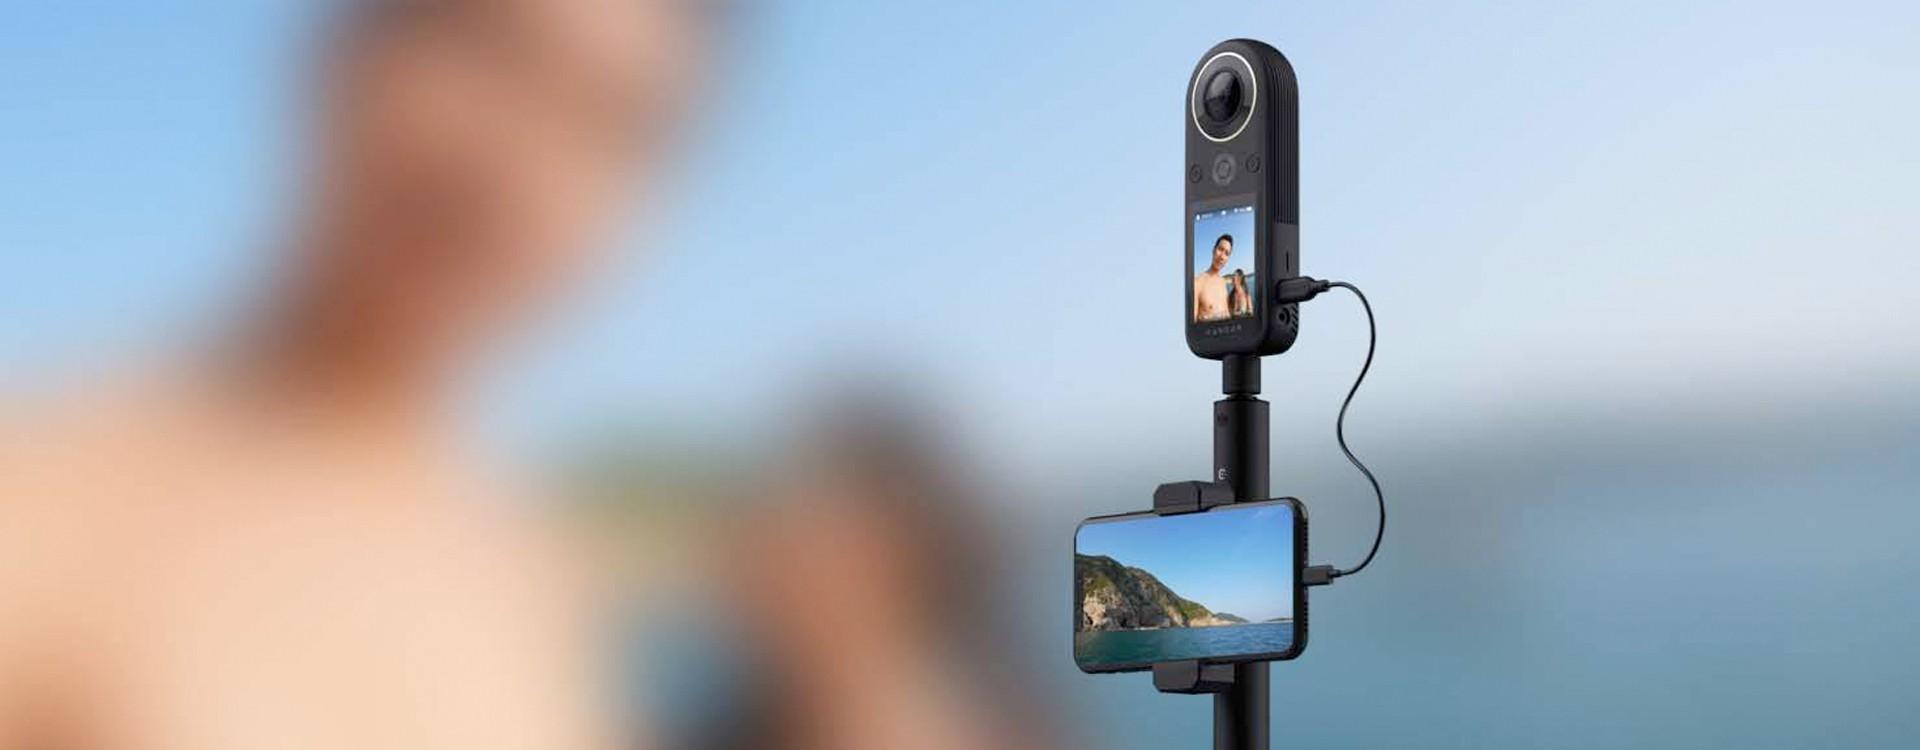 La réalité virtuelle, une solution d'avenir